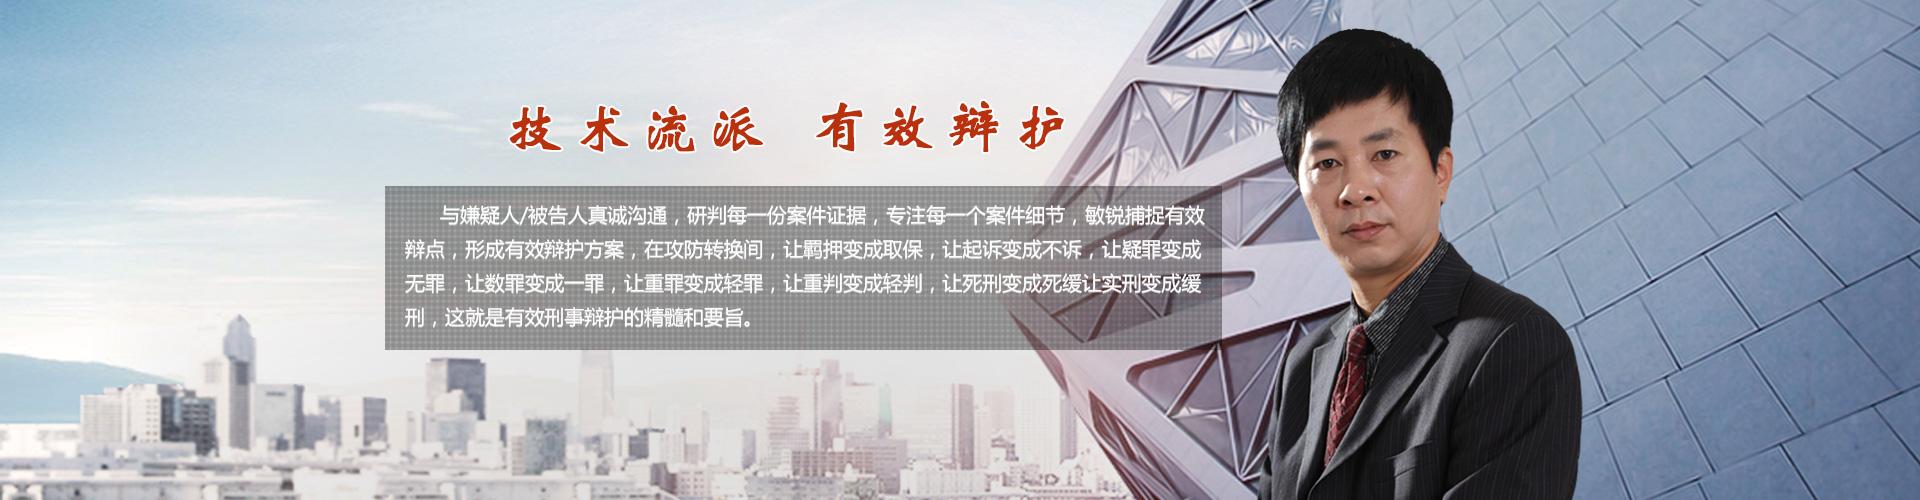 广州李文涛律师3